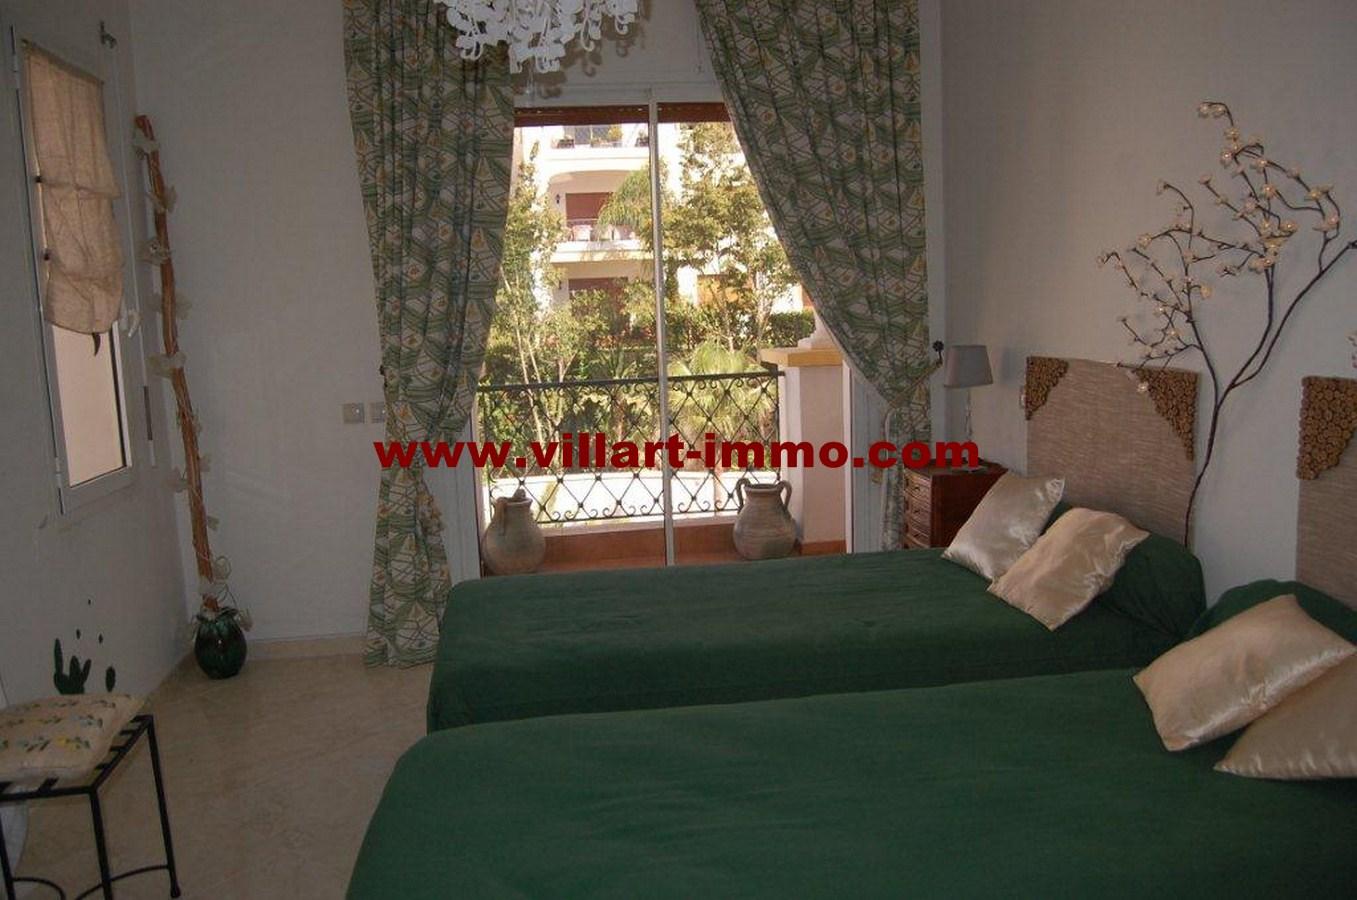 8-vente-appartement-tanger-la-montagne-chambre-2-va452-villart-immo